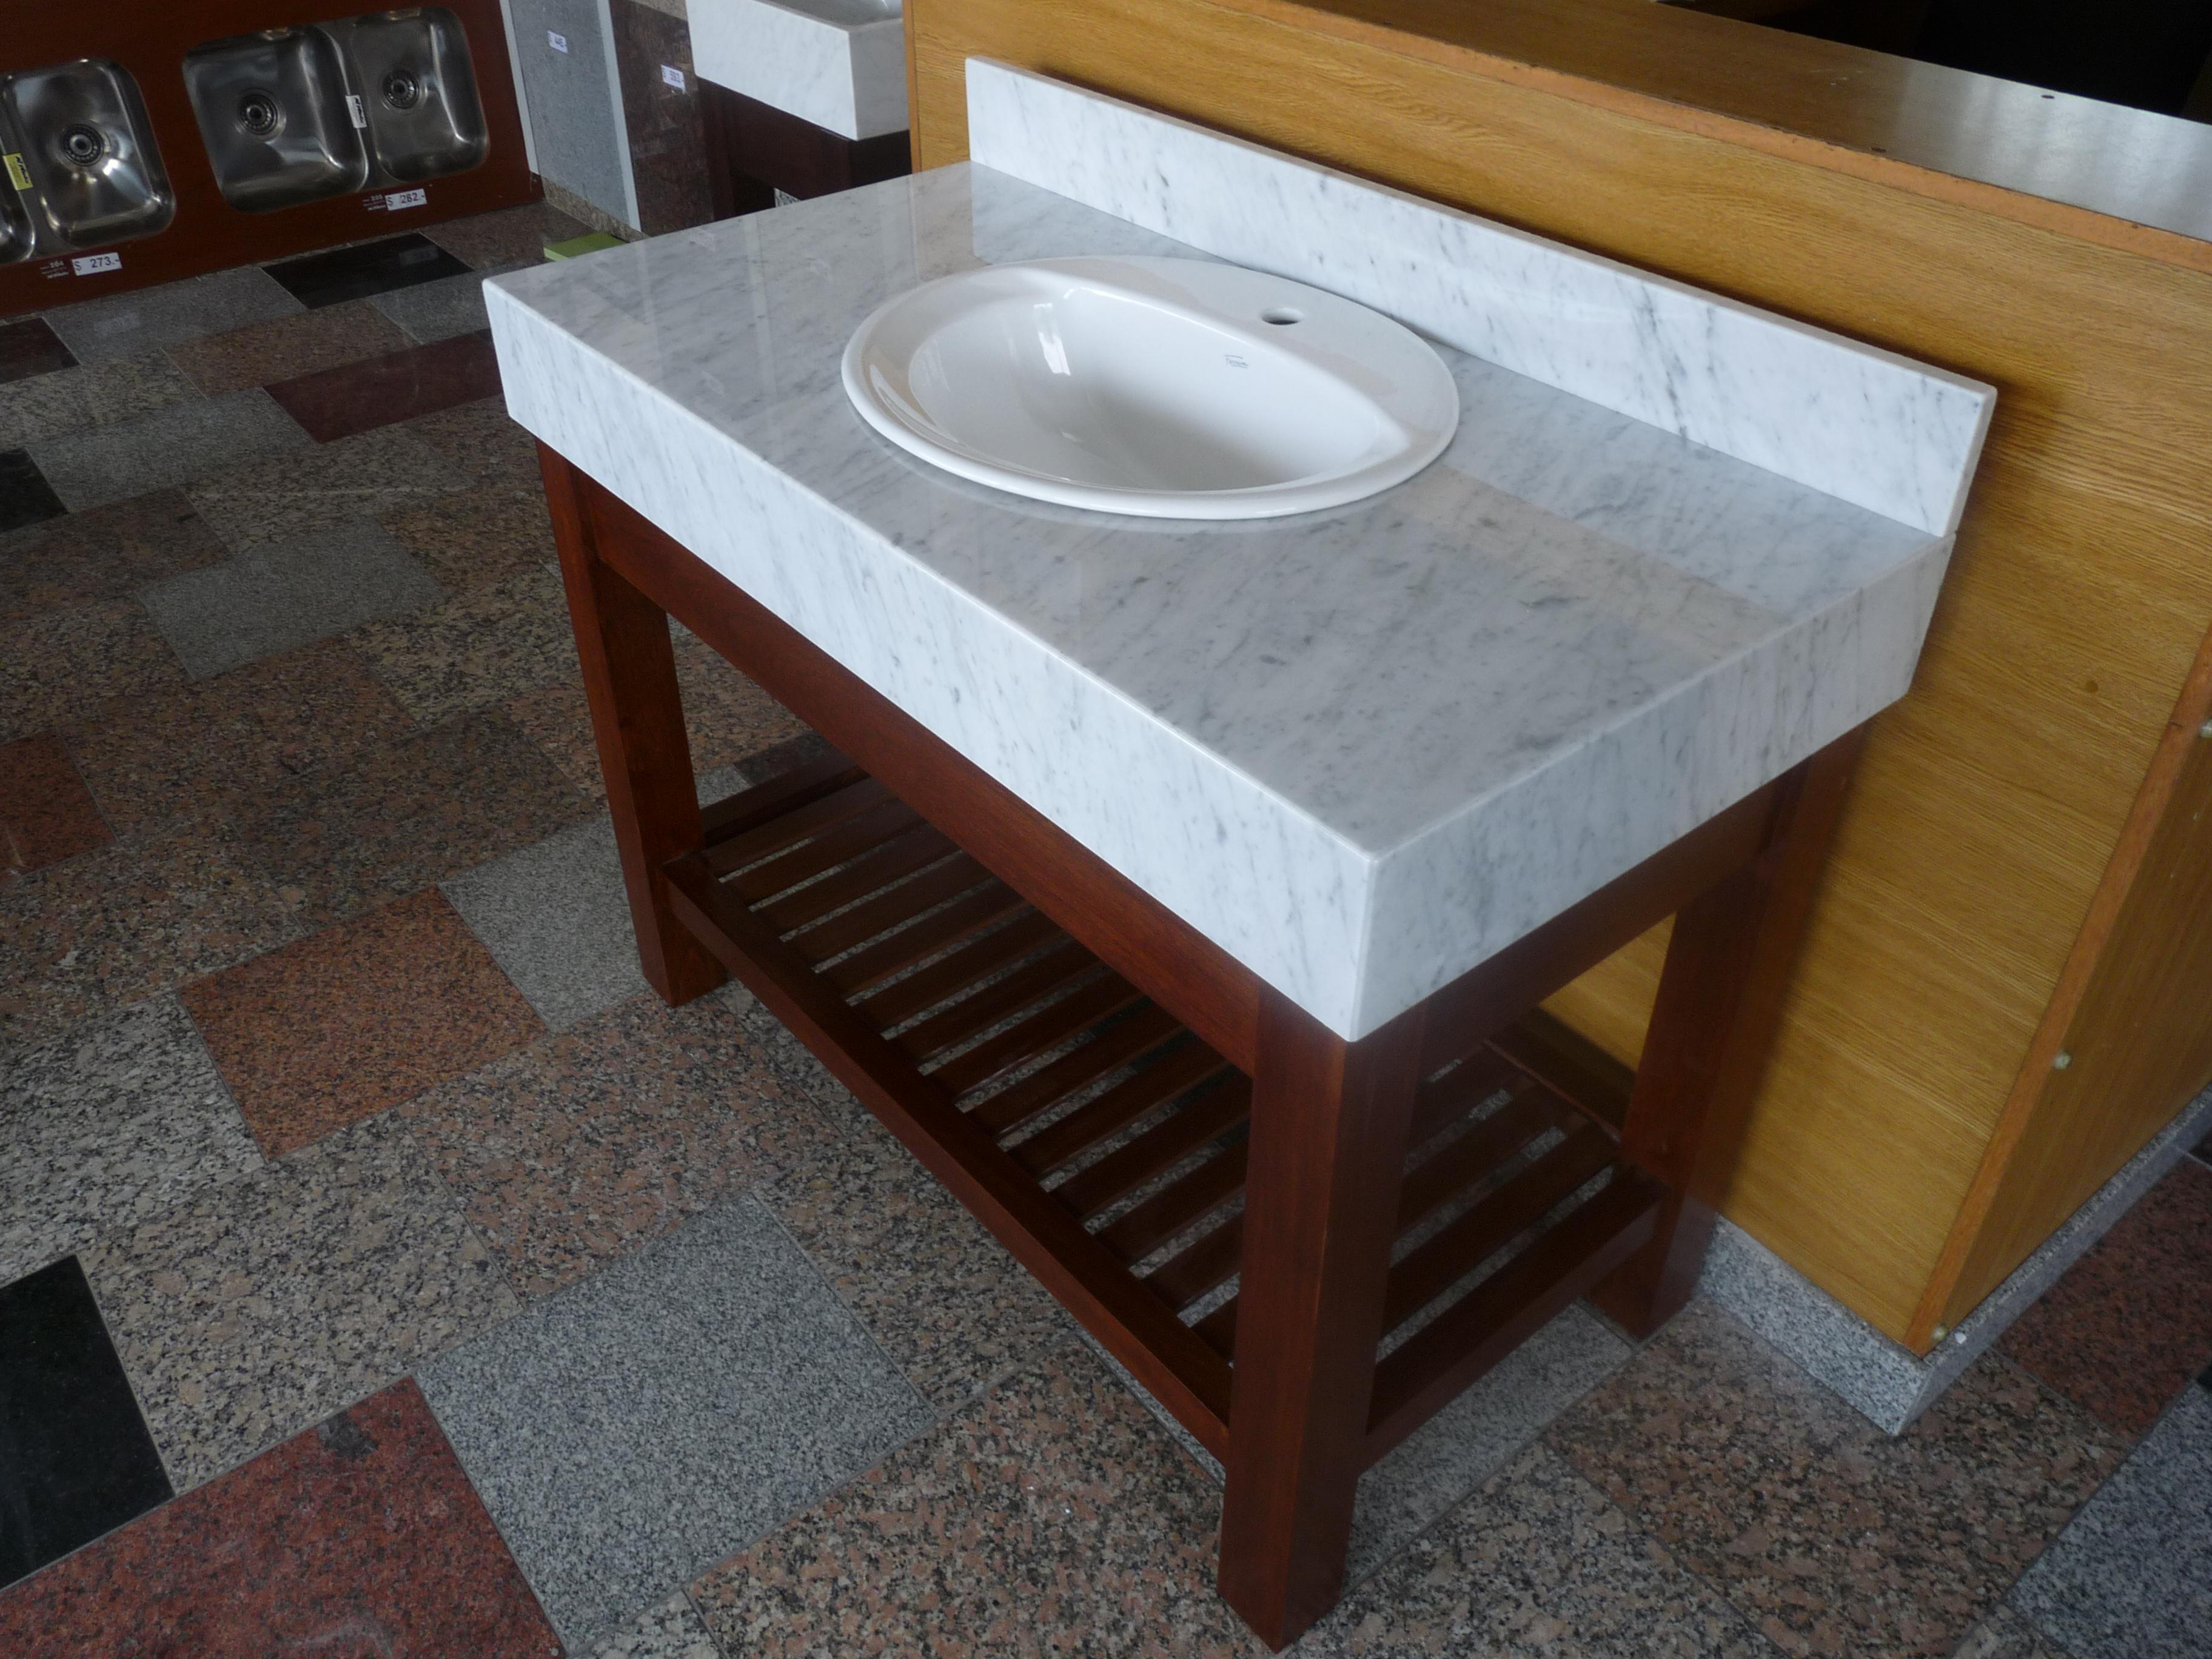 Fotos de ba os m rmoles roa for Imagenes de mesadas de marmol